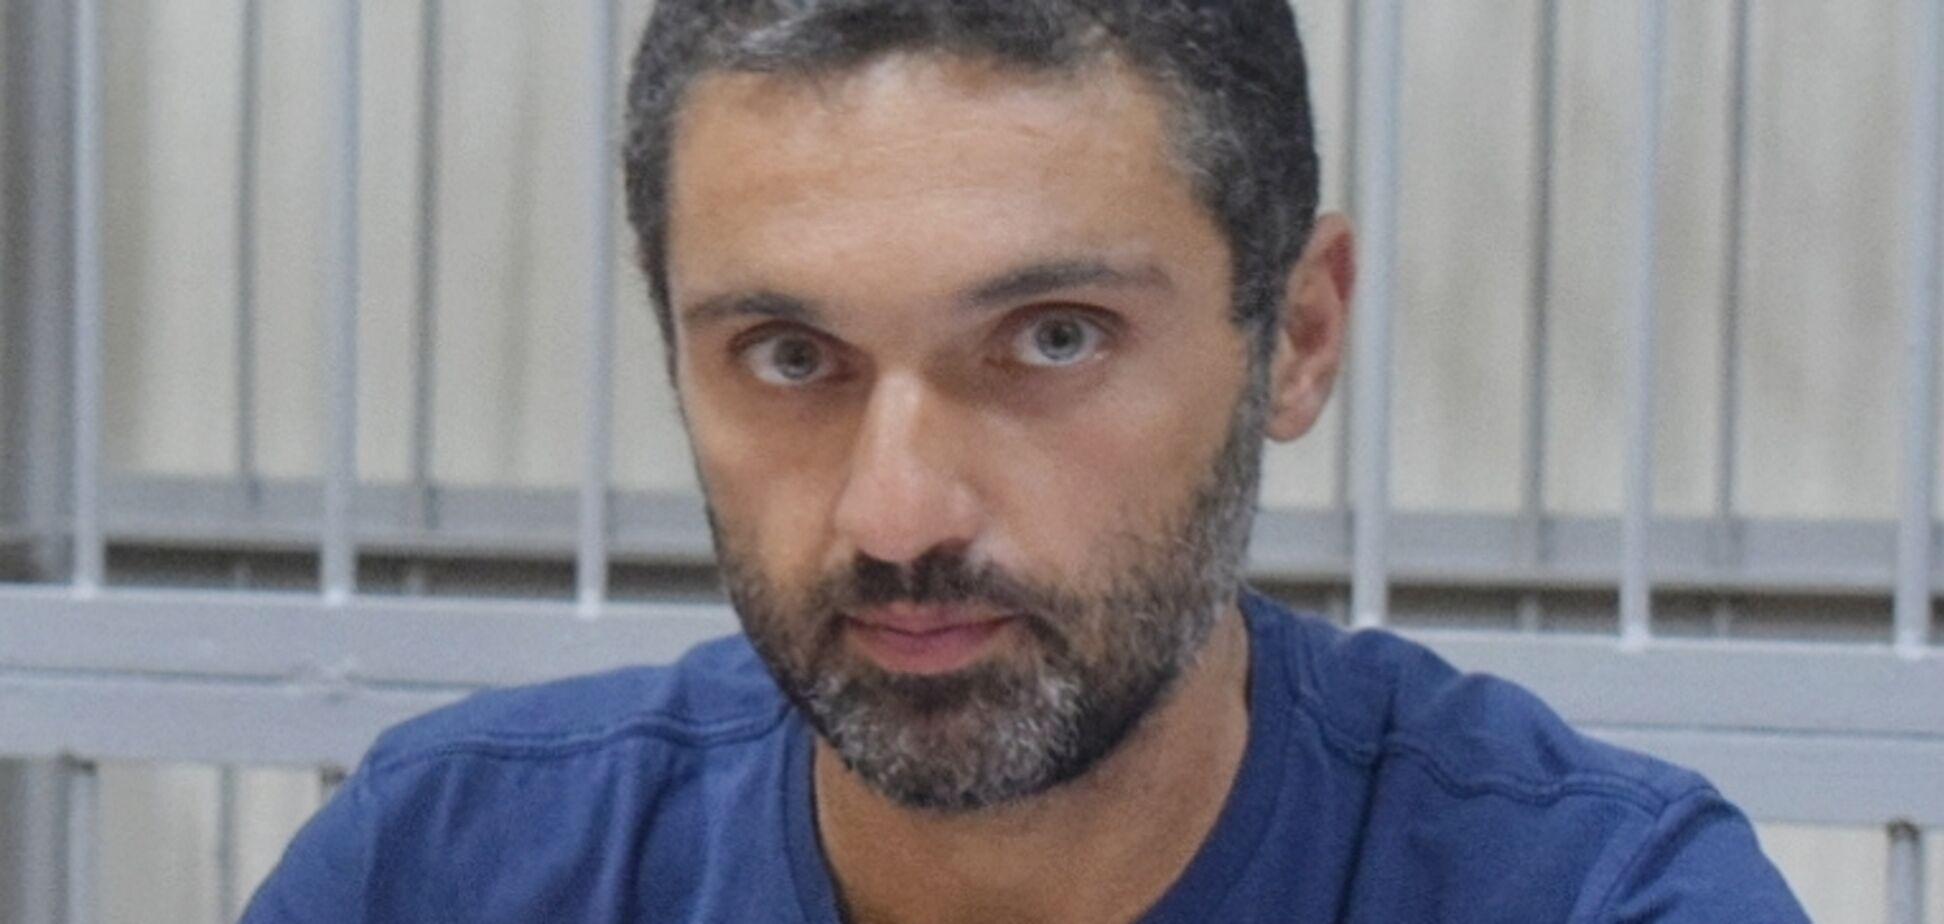 Задержание Тамразова: экс-чиновнику предложили сделку со следствием